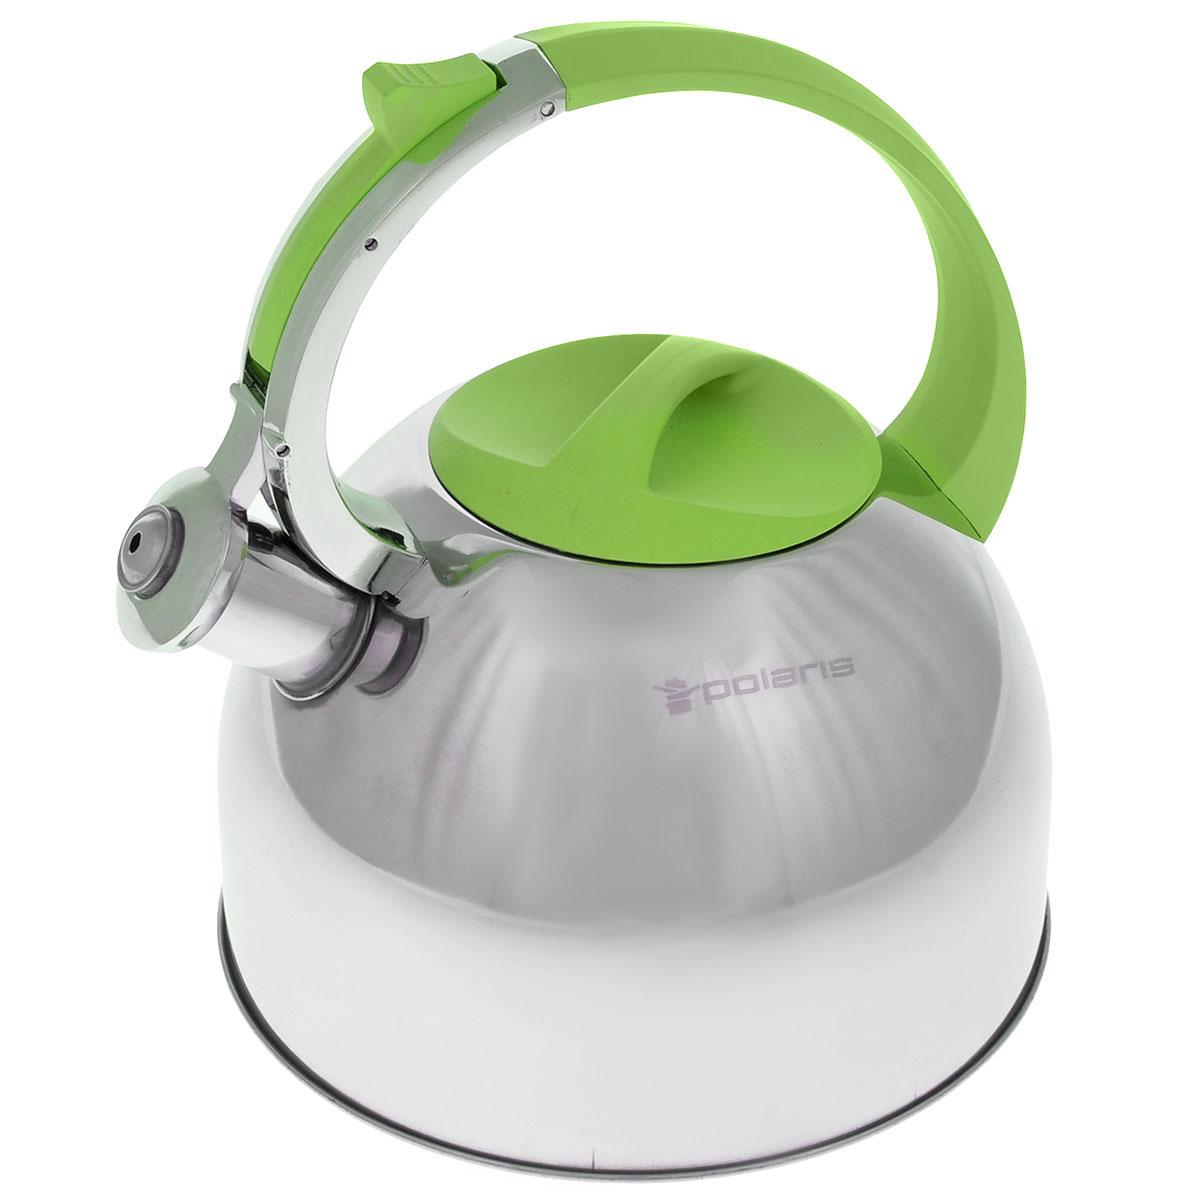 Чайник Polaris Sound со свистком, цвет: салатовый, 3 лSound-3LЧайник Polaris Sound изготовлен из высококачественной нержавеющей стали 18/10. Съемная крышка позволяет легко наполнить чайник водой и обеспечить доступ для мытья. Чайник оповещает о вскипании мелодичным свистом. Клапан на носике открывается нажатием кнопки на ручке. Эргономичная ручка выполнена из бакелита с покрытием Soft touch, не нагревается и не скользит в руке. Зеркальная полировка придает посуде эстетичный вид. Подходит для всех типов плит, в том числе для индукционных. Высота стенок чайника: 14 см. Высота чайника (с учетом ручки): 24,5 см.